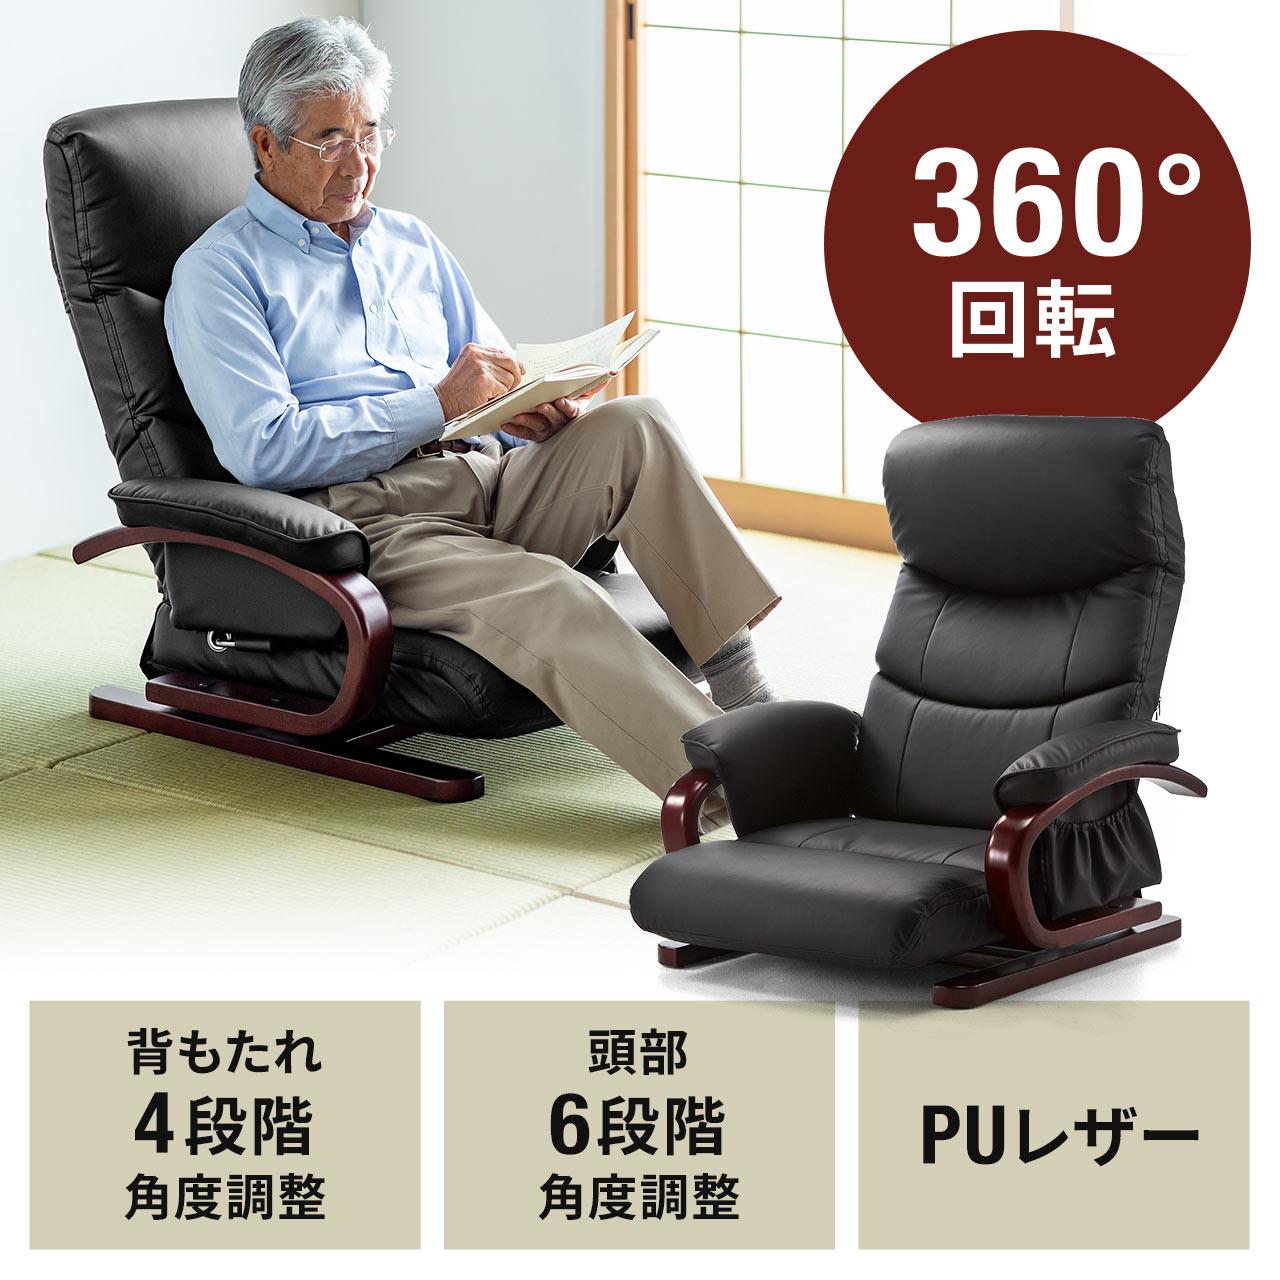 座椅子 360度回転 高級感あふれるPUレザー リクライニング 肘付 小物収納ポケット付 ソファー 座いす 座イス[150-SNC112]【サンワダイレクト限定品】【送料無料】